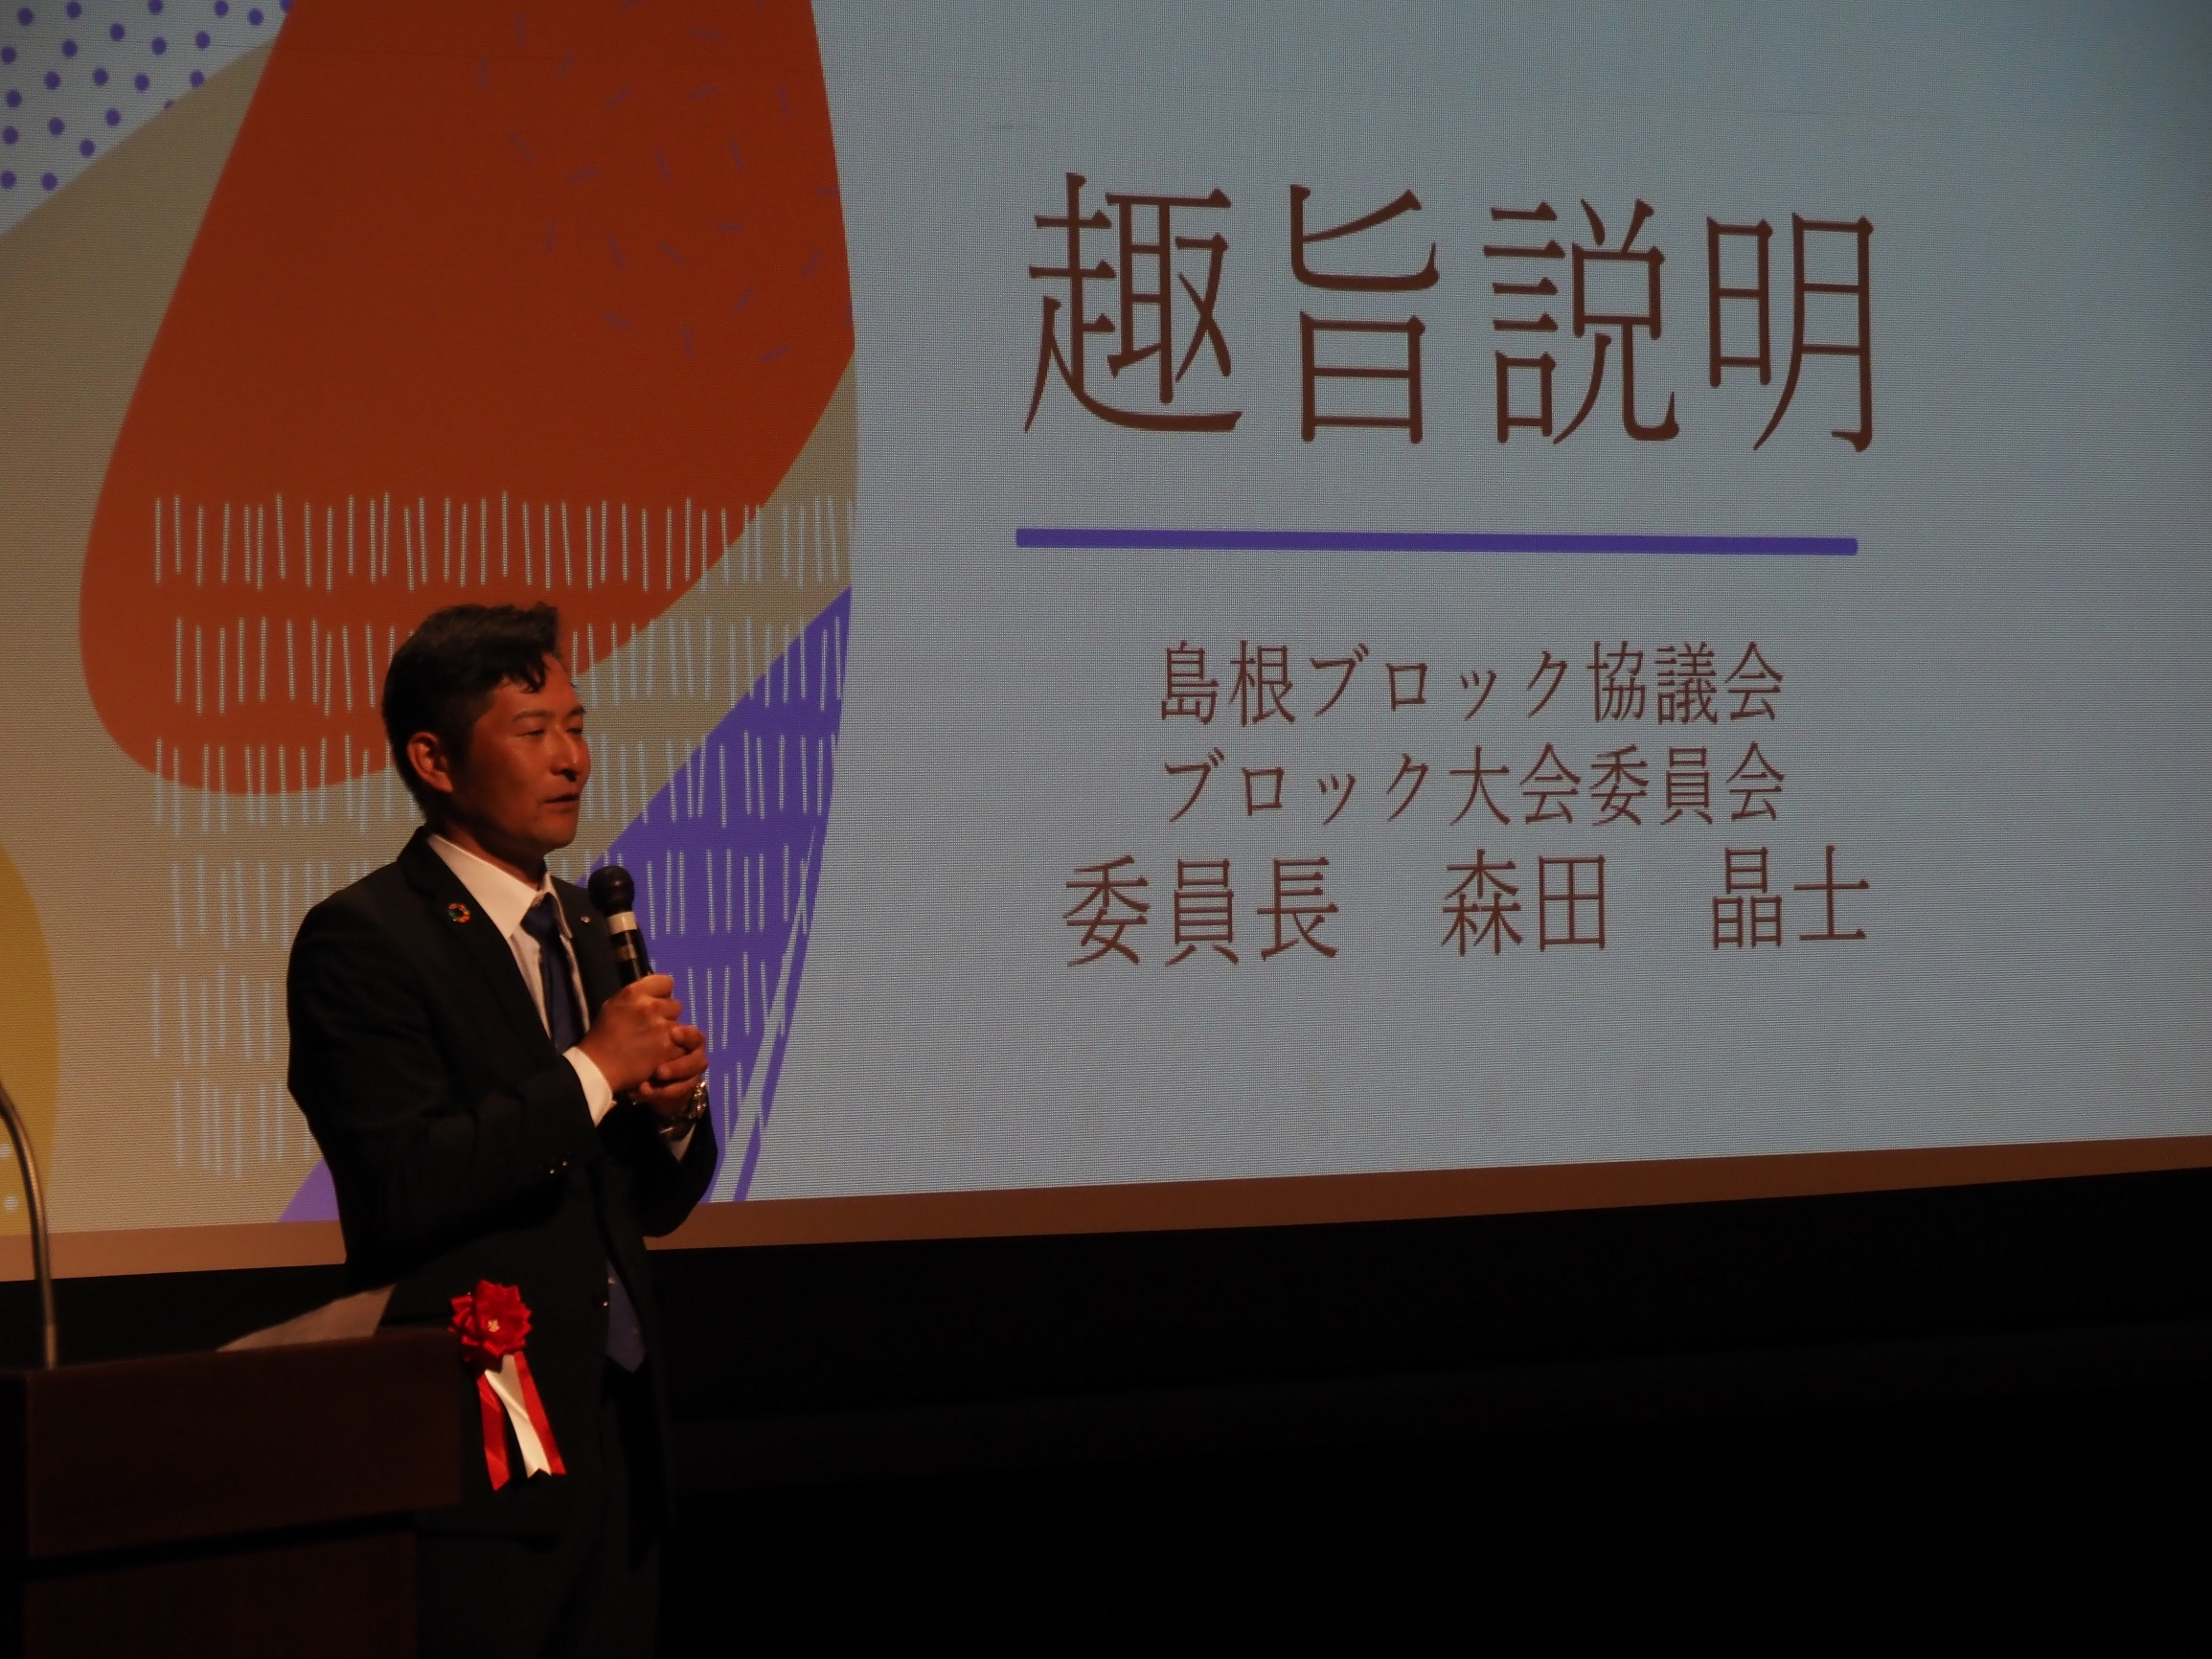 第47回島根ブロック大会開催について